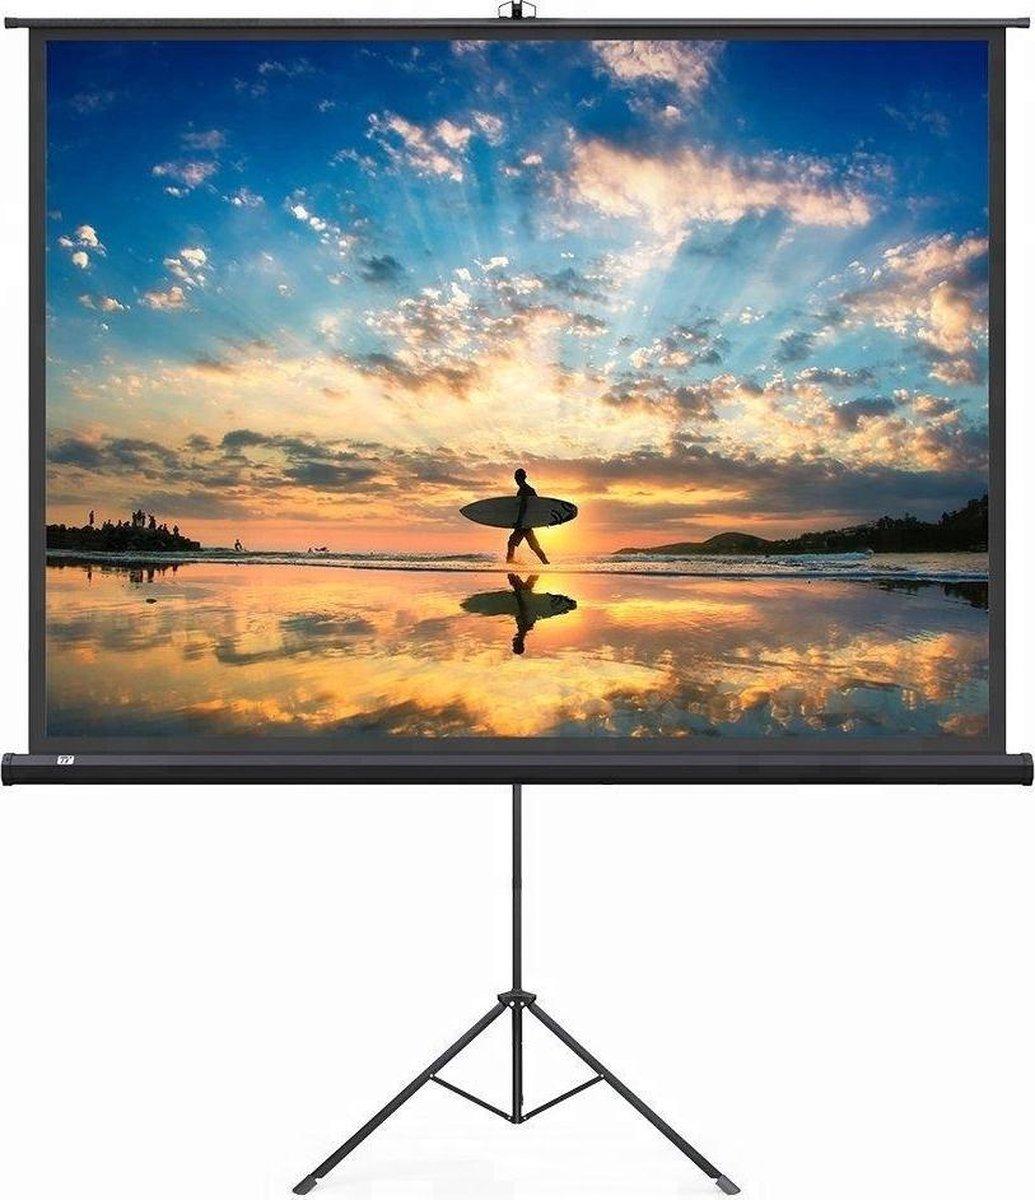 """""""Beamerscherm op statief 100"""""""" - 221 x 125 cm - 16:9 - projectiescherm op tripod - wit"""""""